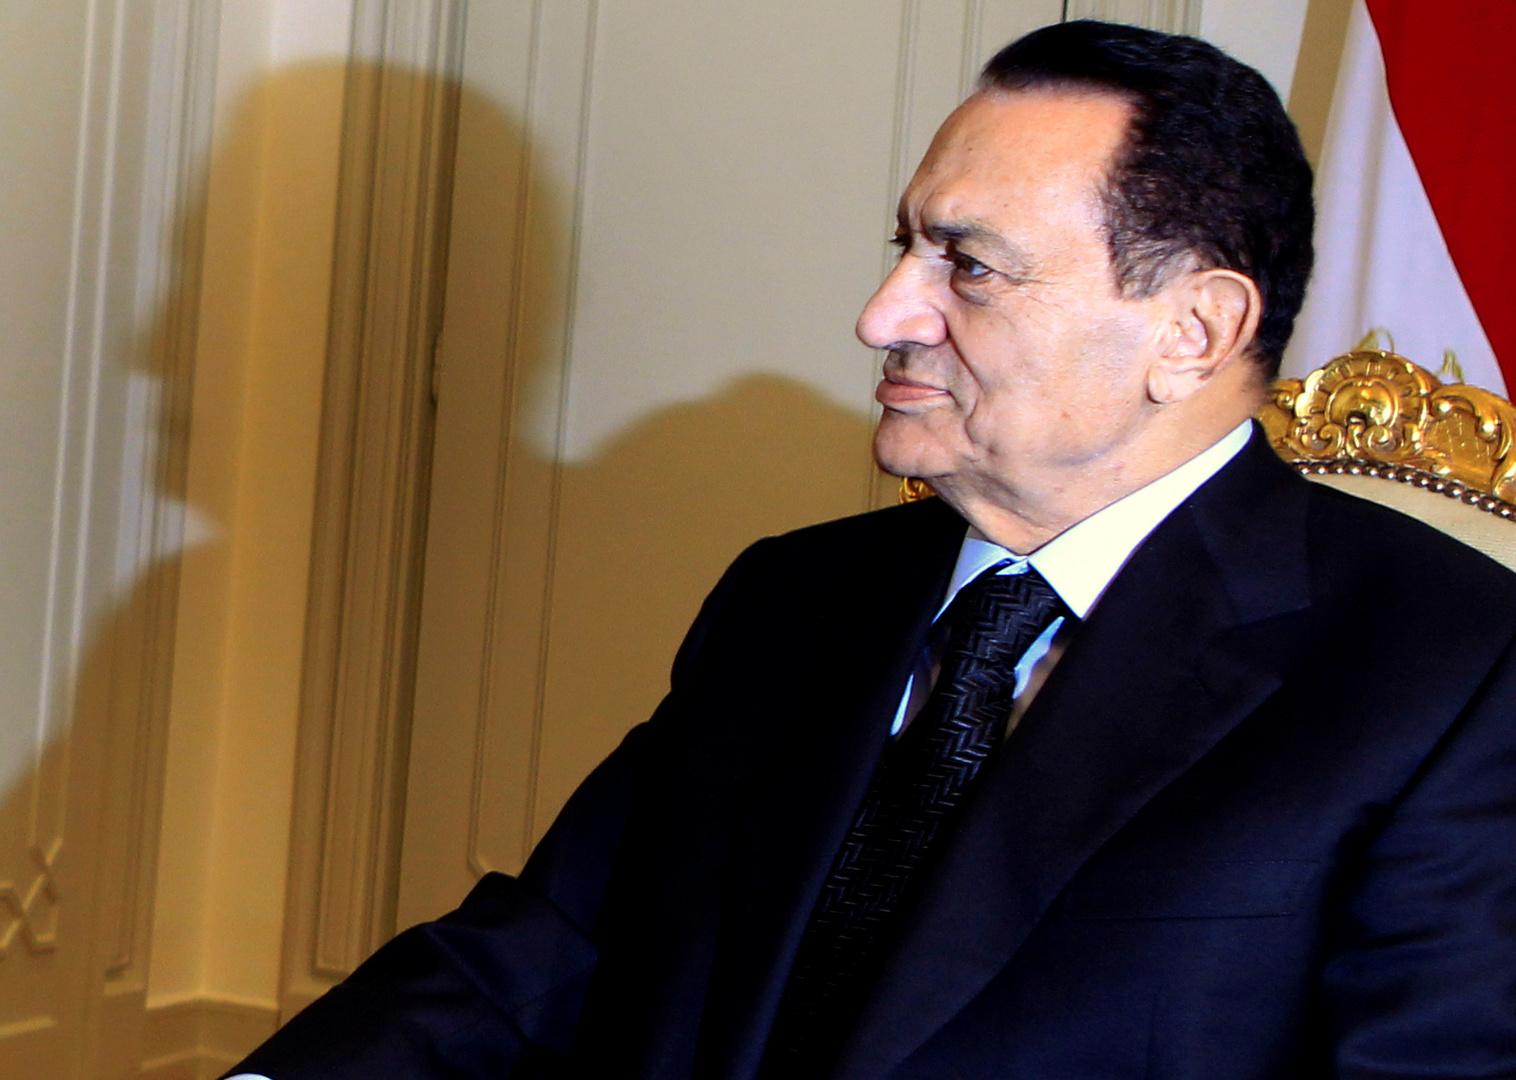 محامي أسرة مبارك يتحدث عن مصير أموال الرئيس الراحل